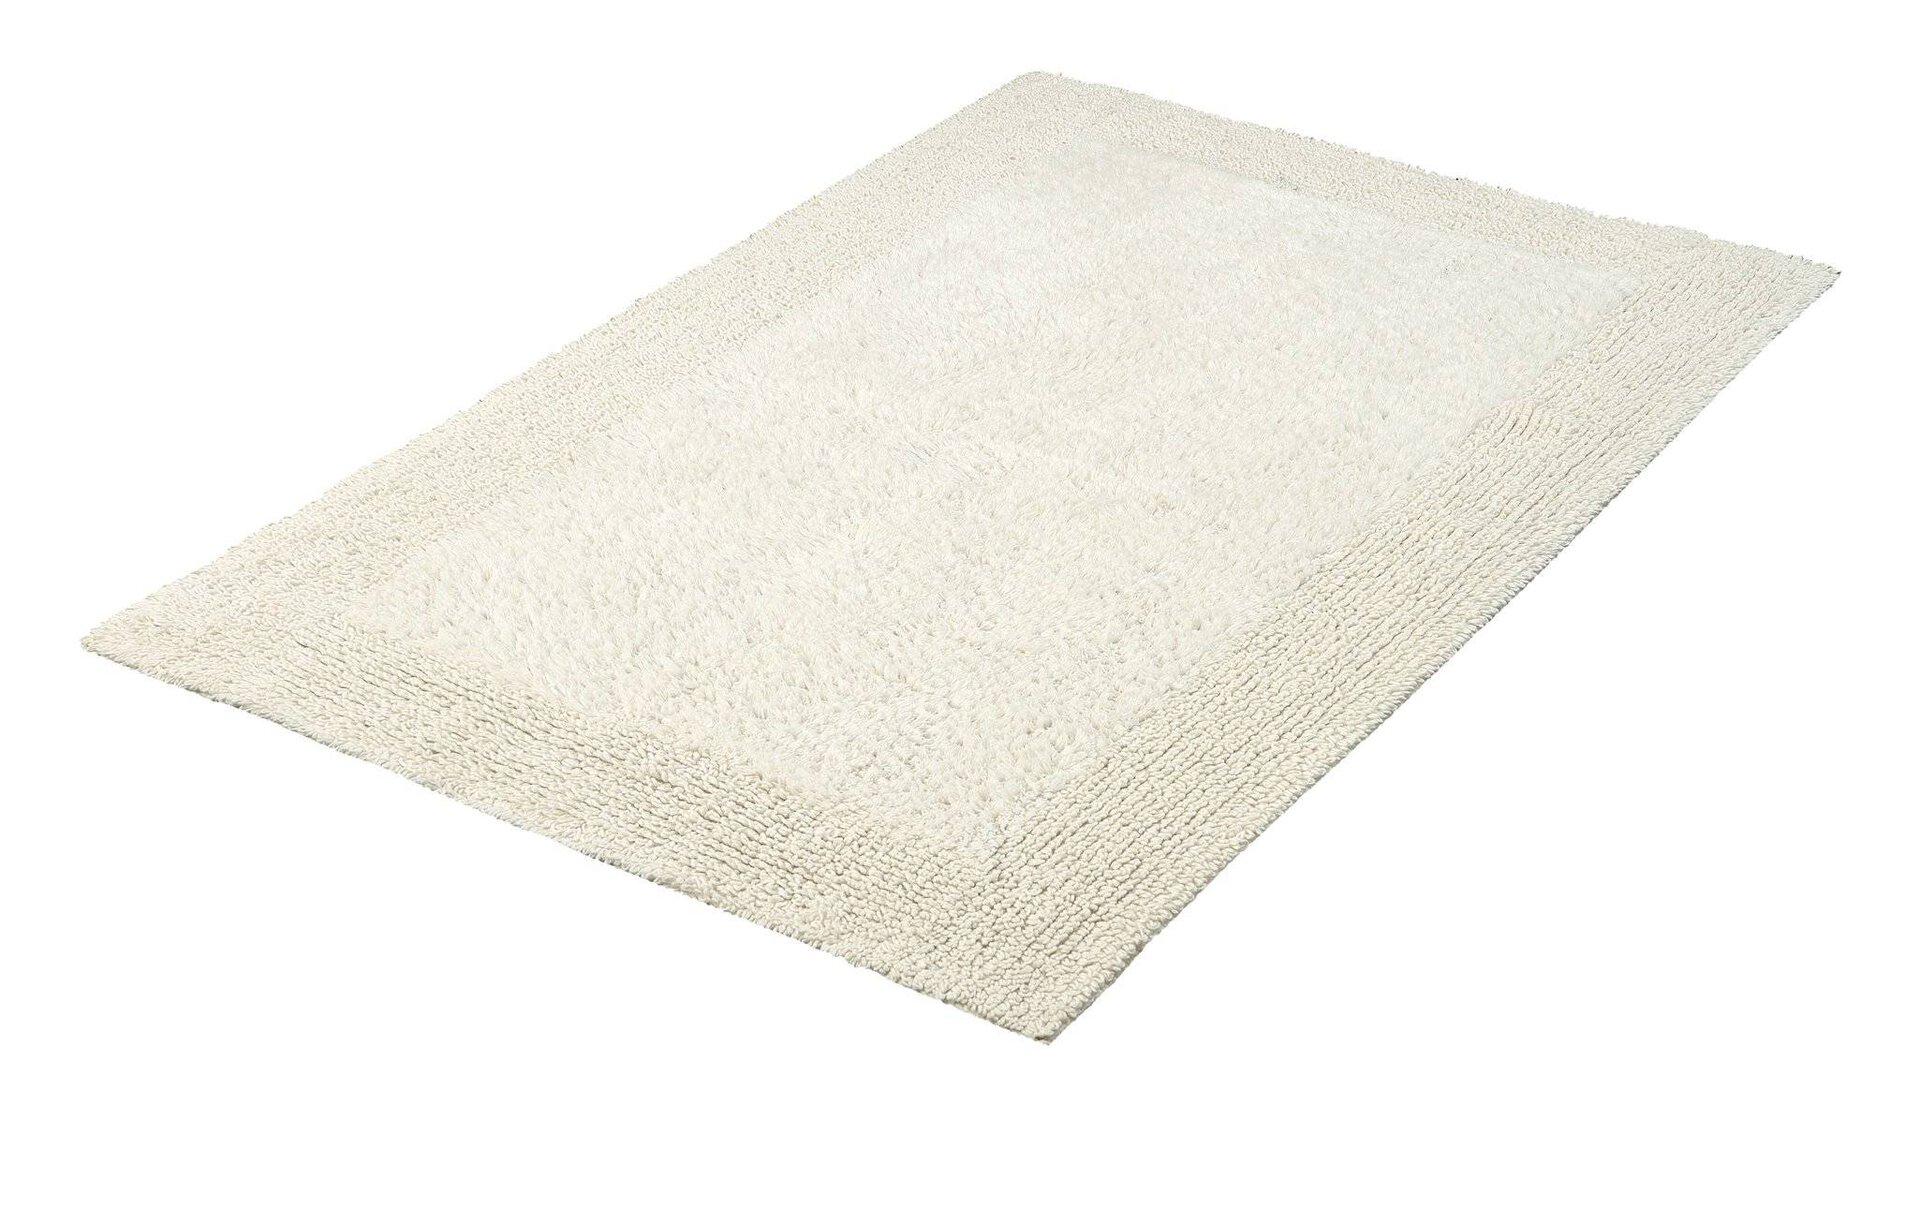 Badteppich Cotone Meusch Textil 120 x 2 x 70 cm